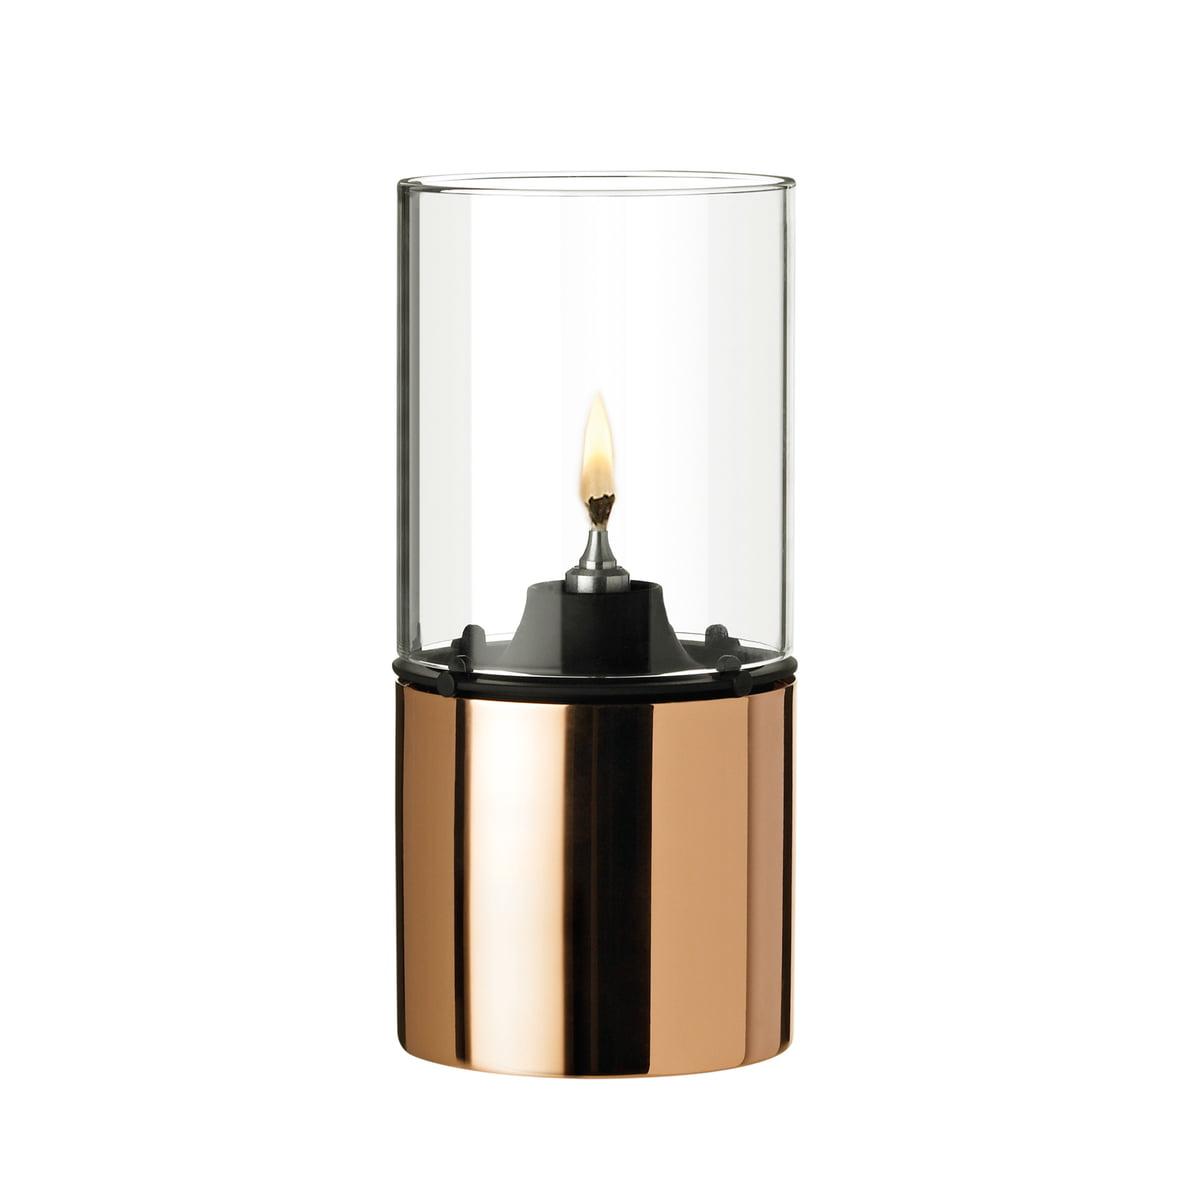 Stelton - Lampe à huile 1005-1 cuivre avec abat-jour en verre, satiné